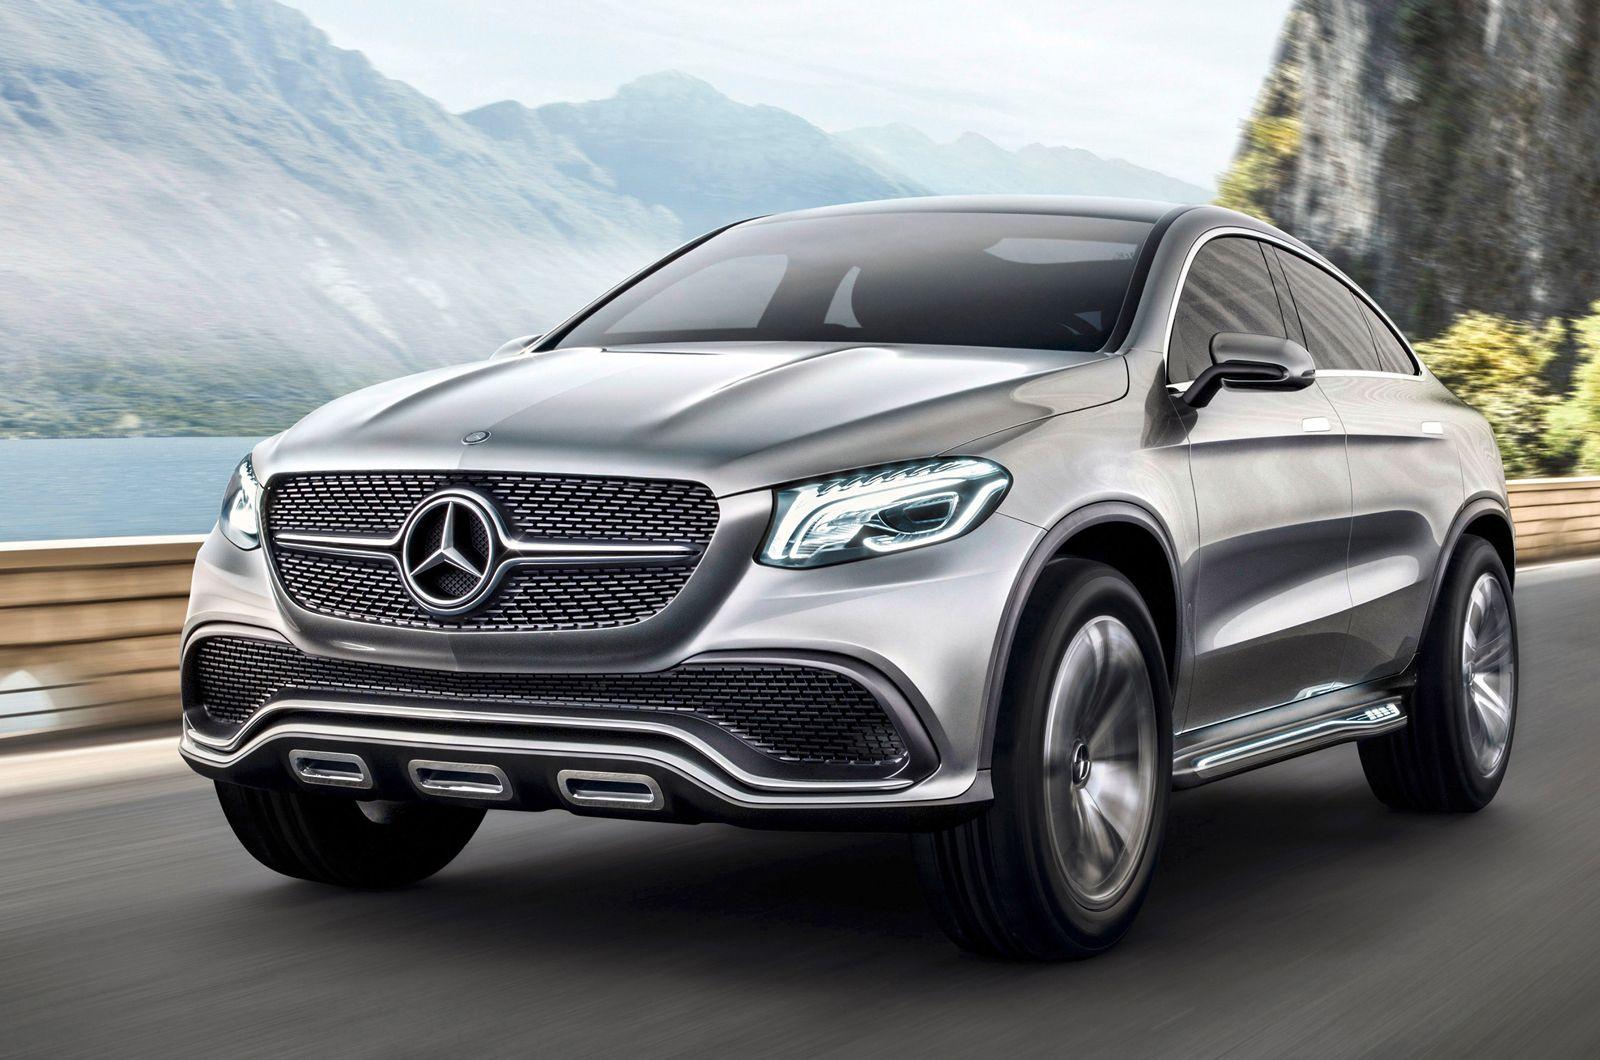 Mercedes Concept Coupe Suv Unveiled Autocar Mercedes Concept Mercedes Coupe Mercedes Benz Retail